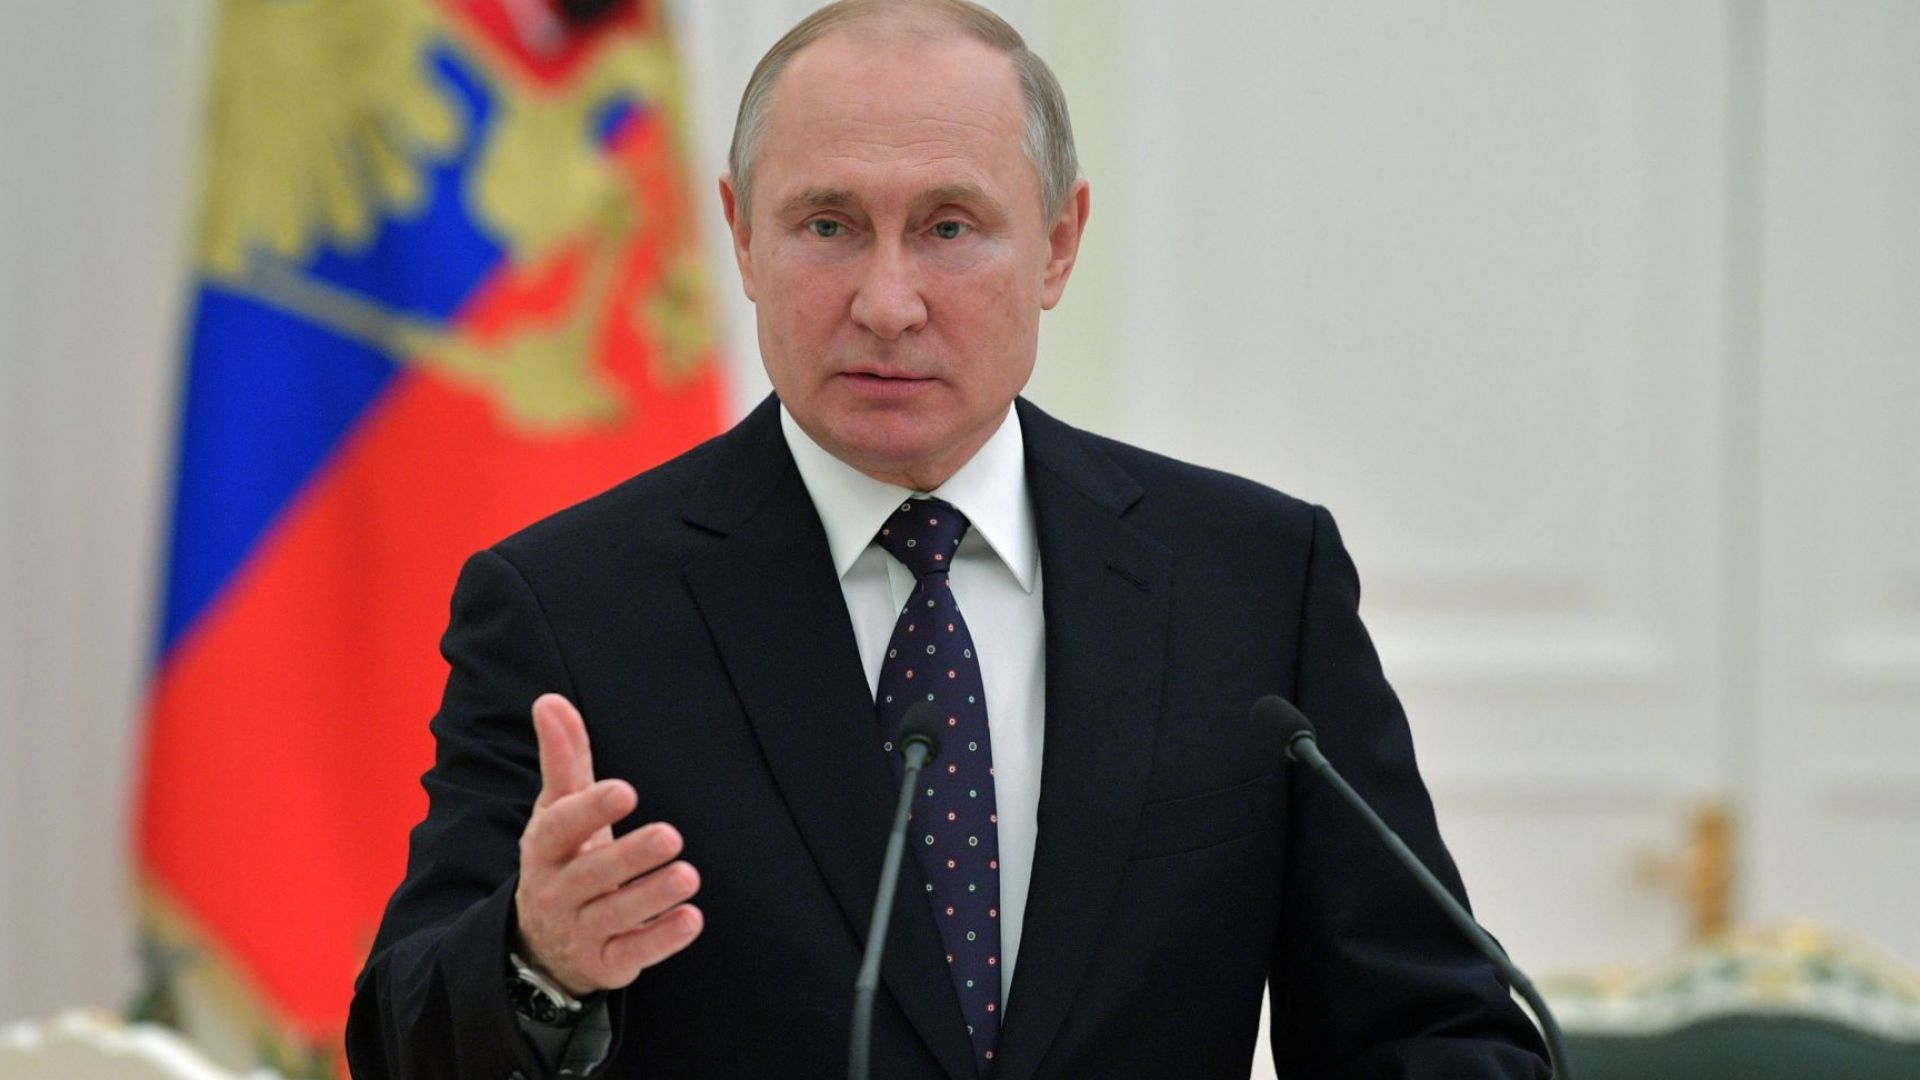 Първи разговор между Путин и Зеленски: кой беше най-важният обсъждан въпрос